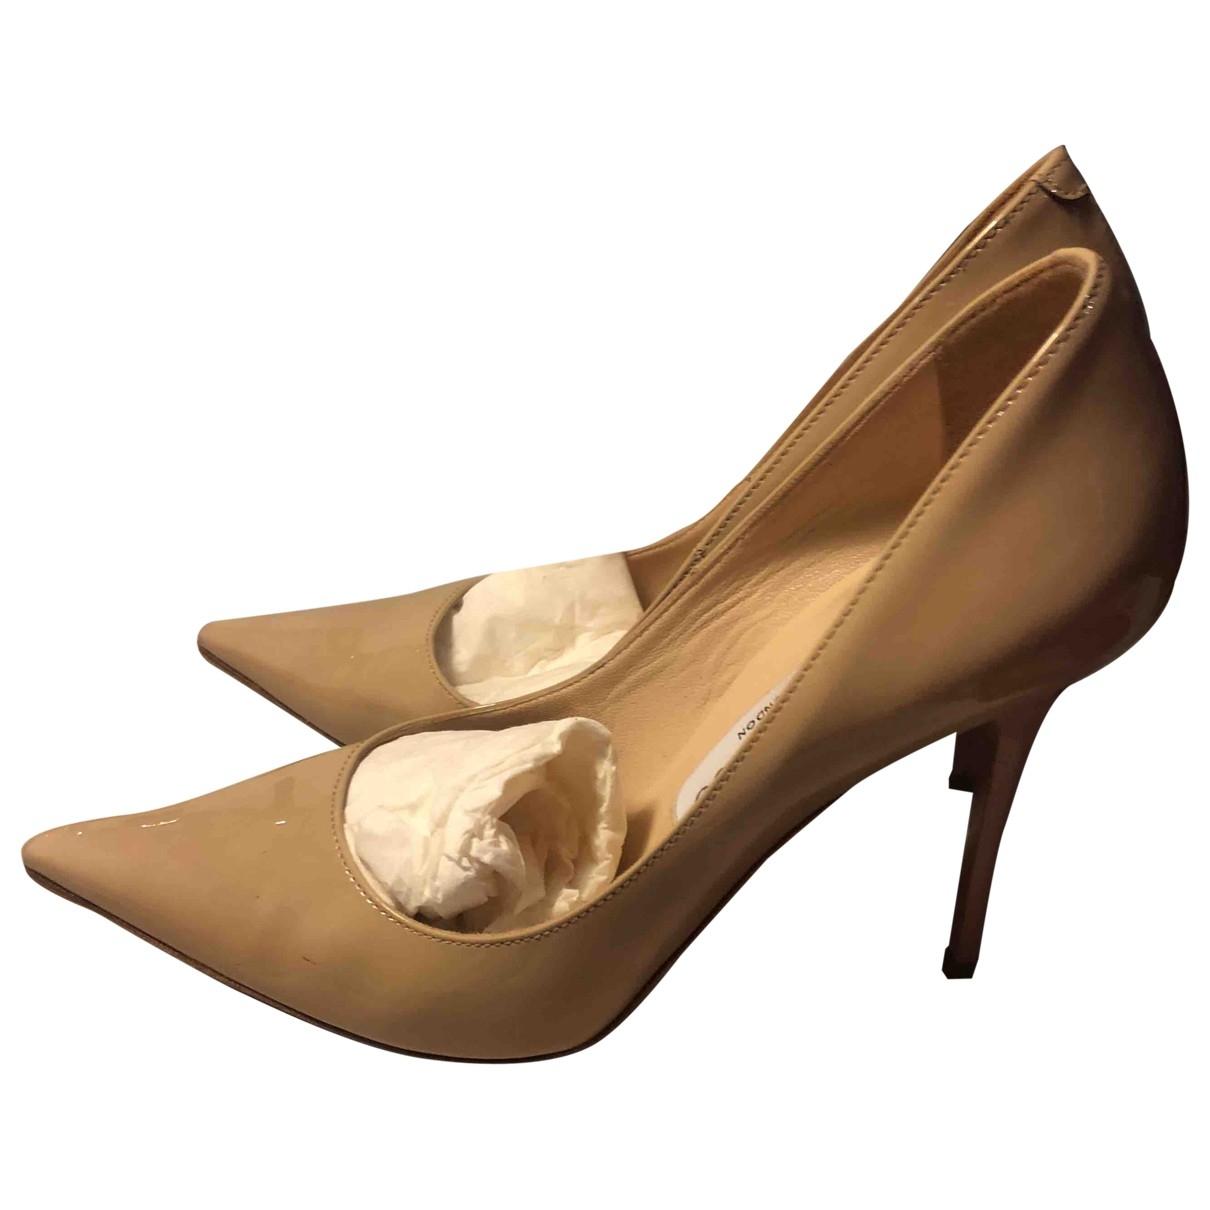 Jimmy Choo Anouk Beige Patent leather Heels for Women 36 EU